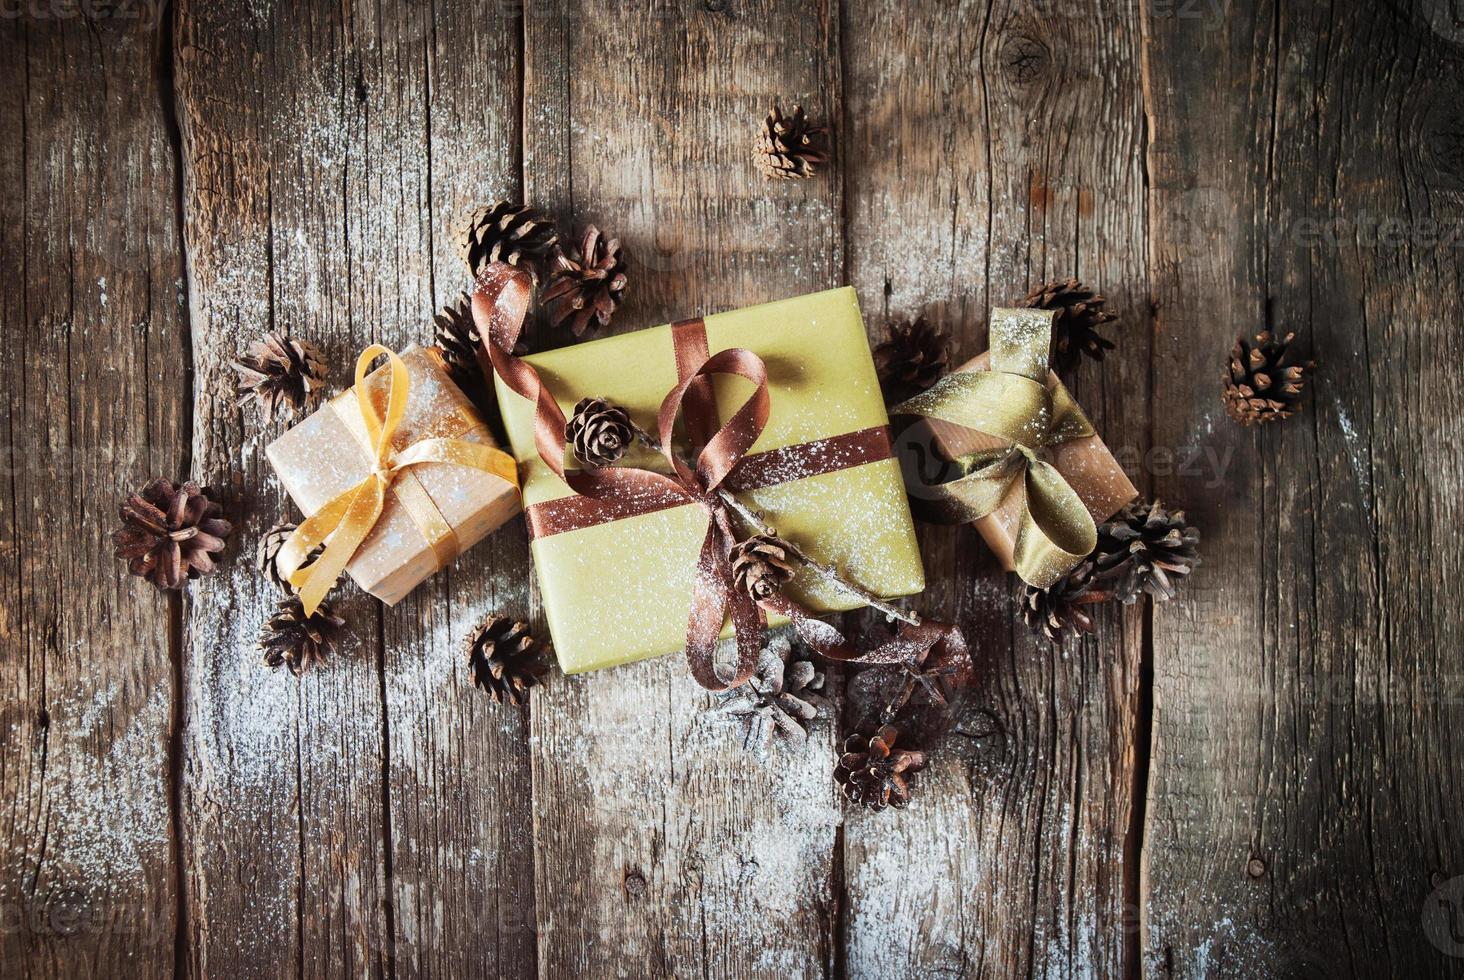 cajas festivas en mesa de madera decorada con piñas foto